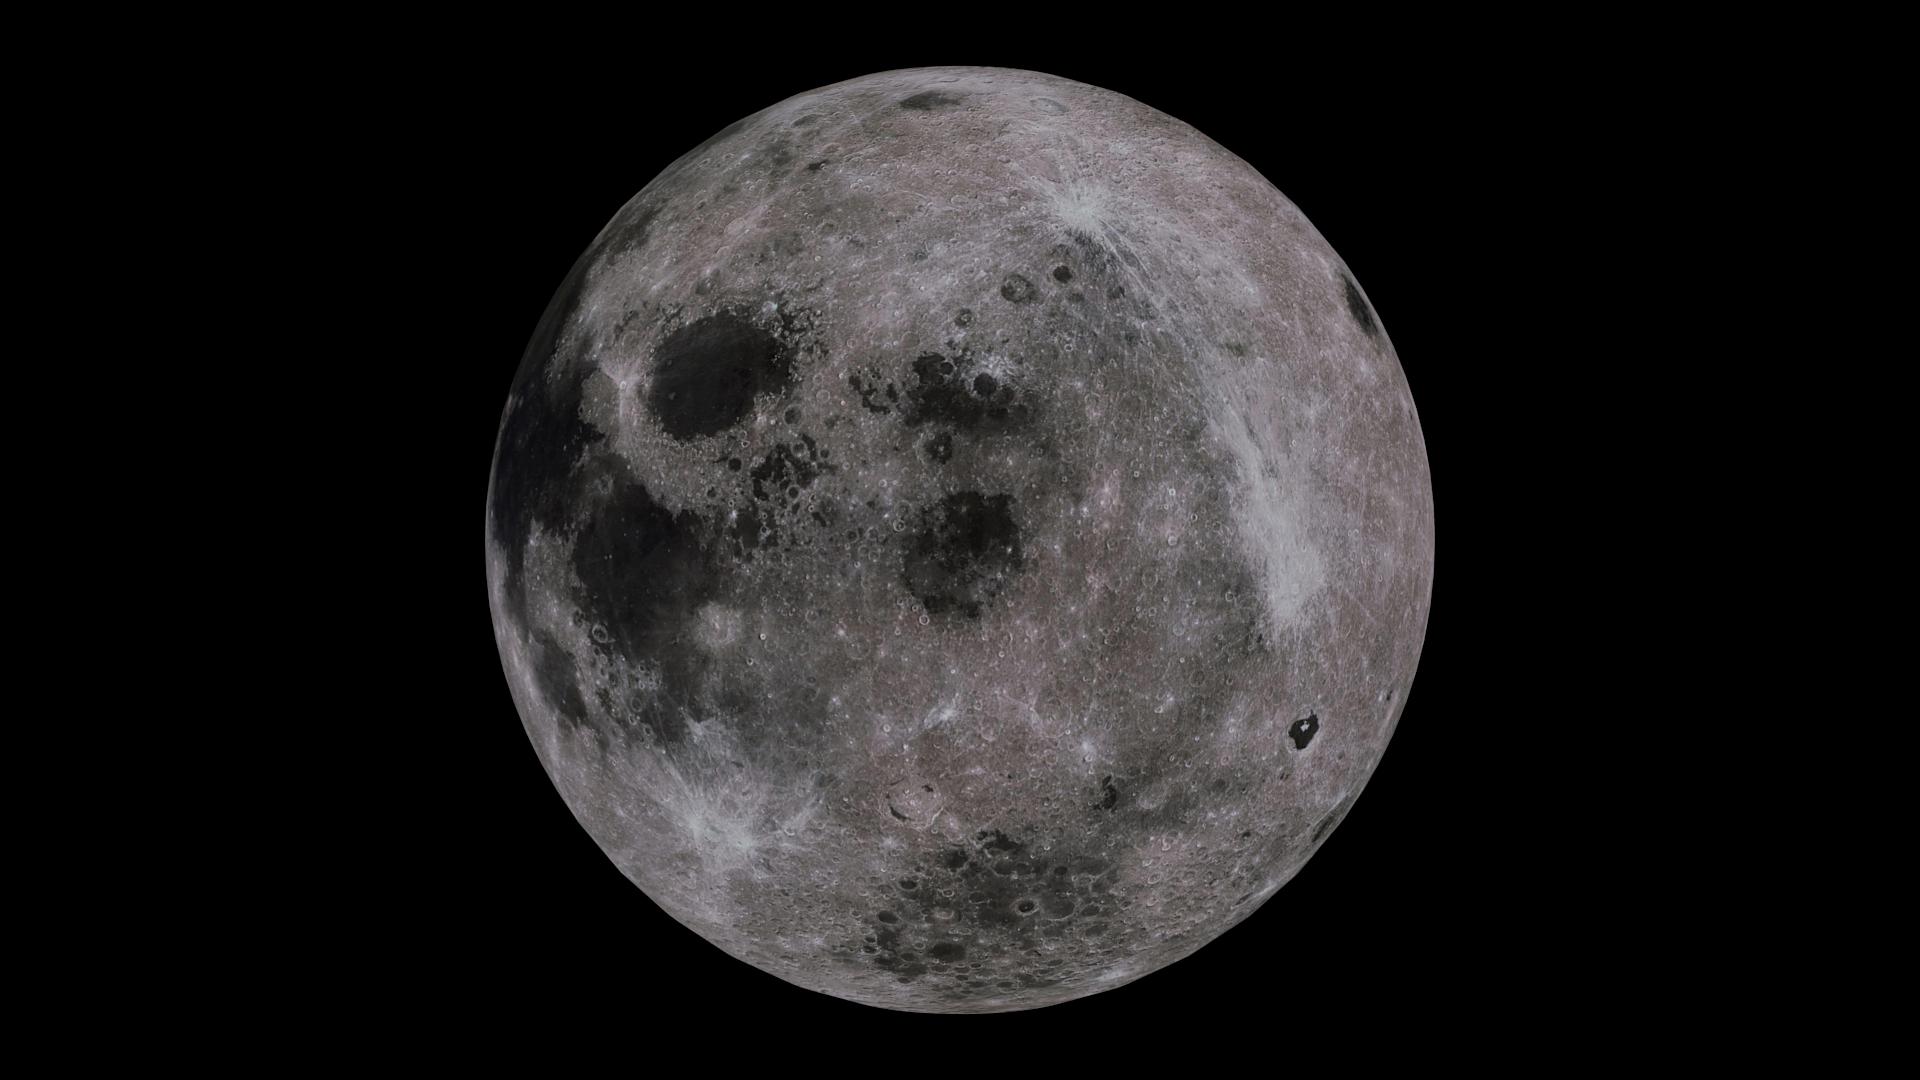 moon 4k 3d model 3ds fbx blend dae obj 210482